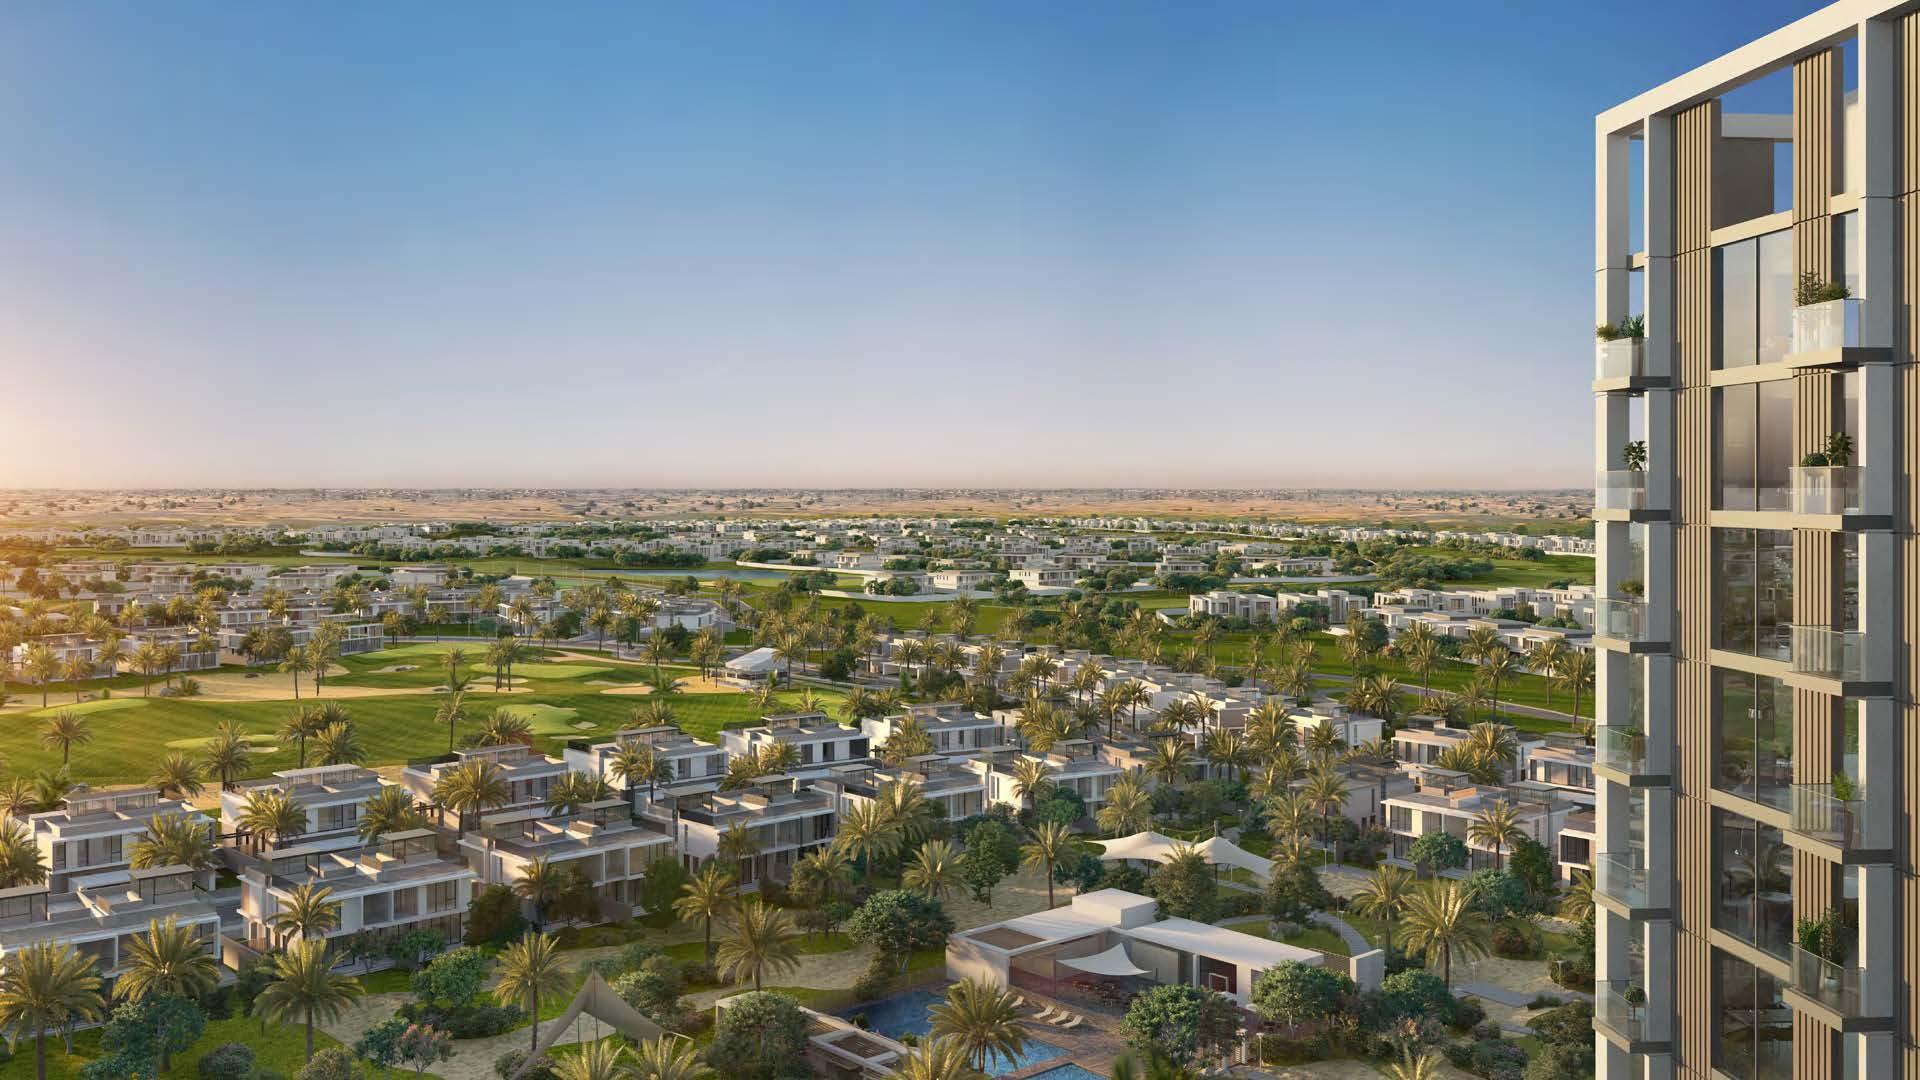 Apartamento en venta en Dubai, EAU, 2 dormitorios, 69 m2, № 24382 – foto 3